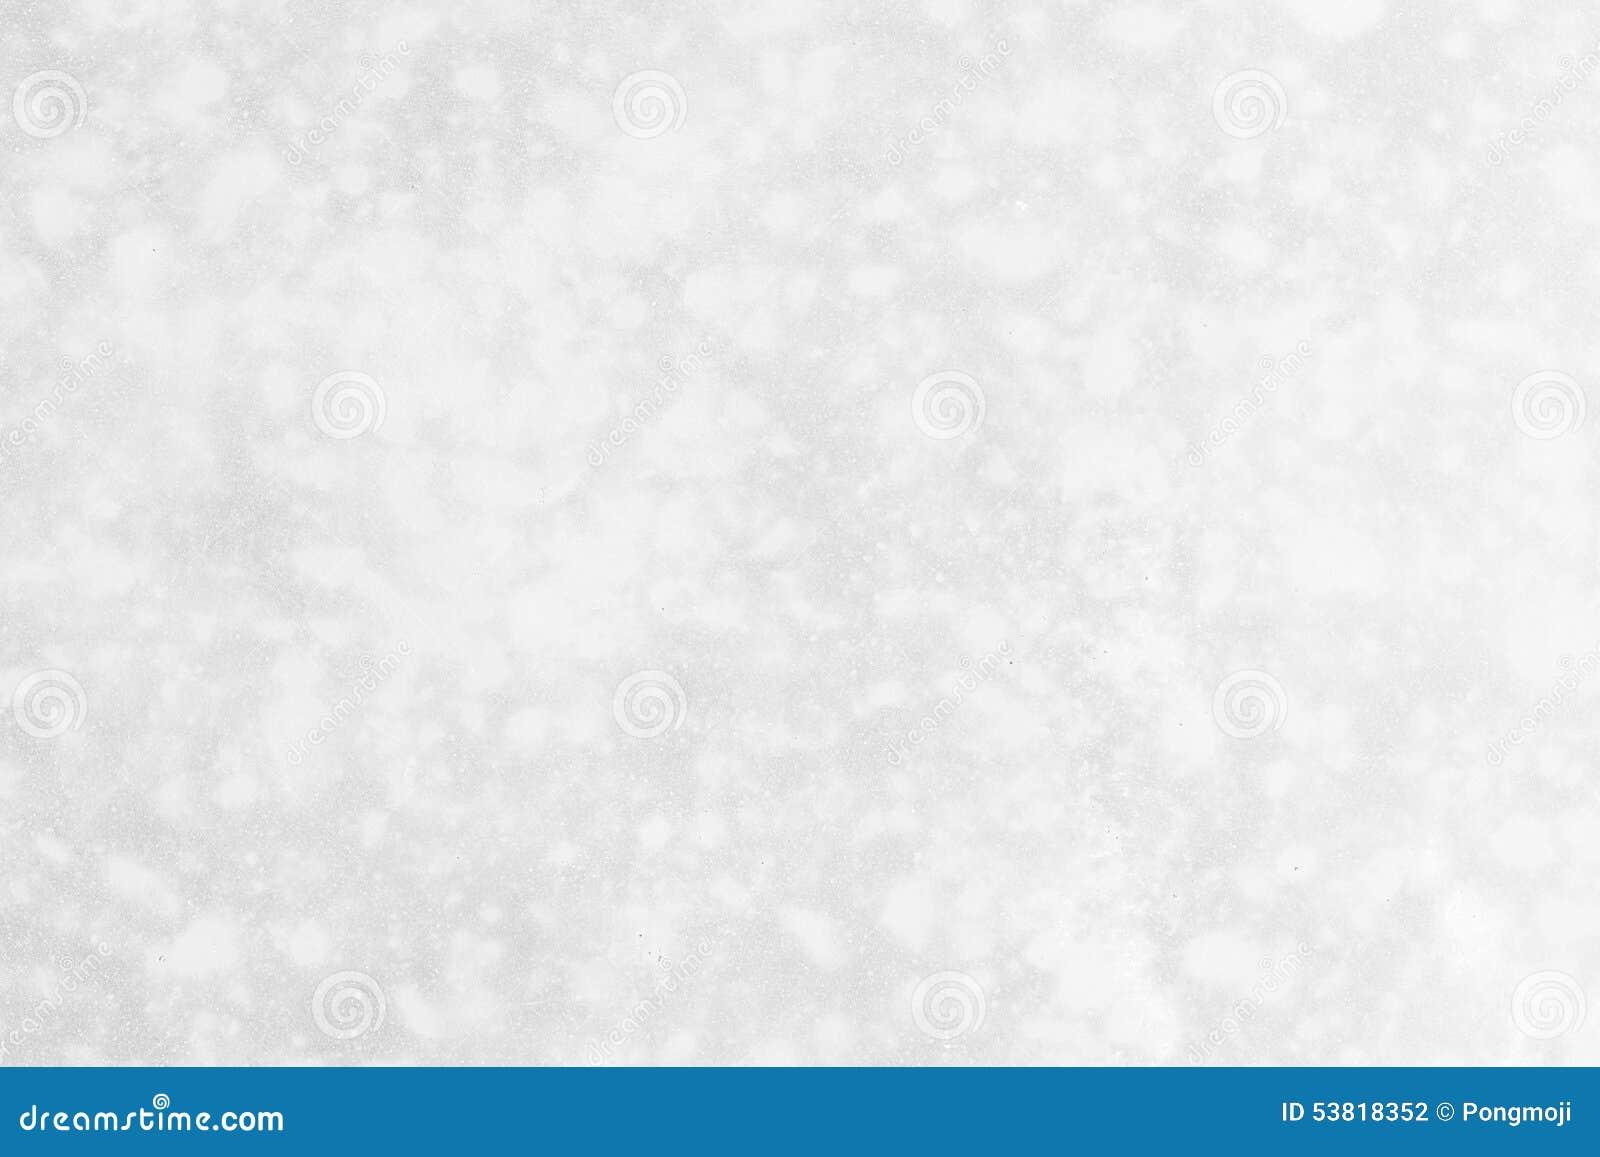 Color desnudo pulido del blanco de la textura del muro de - Piso de cemento pulido blanco ...